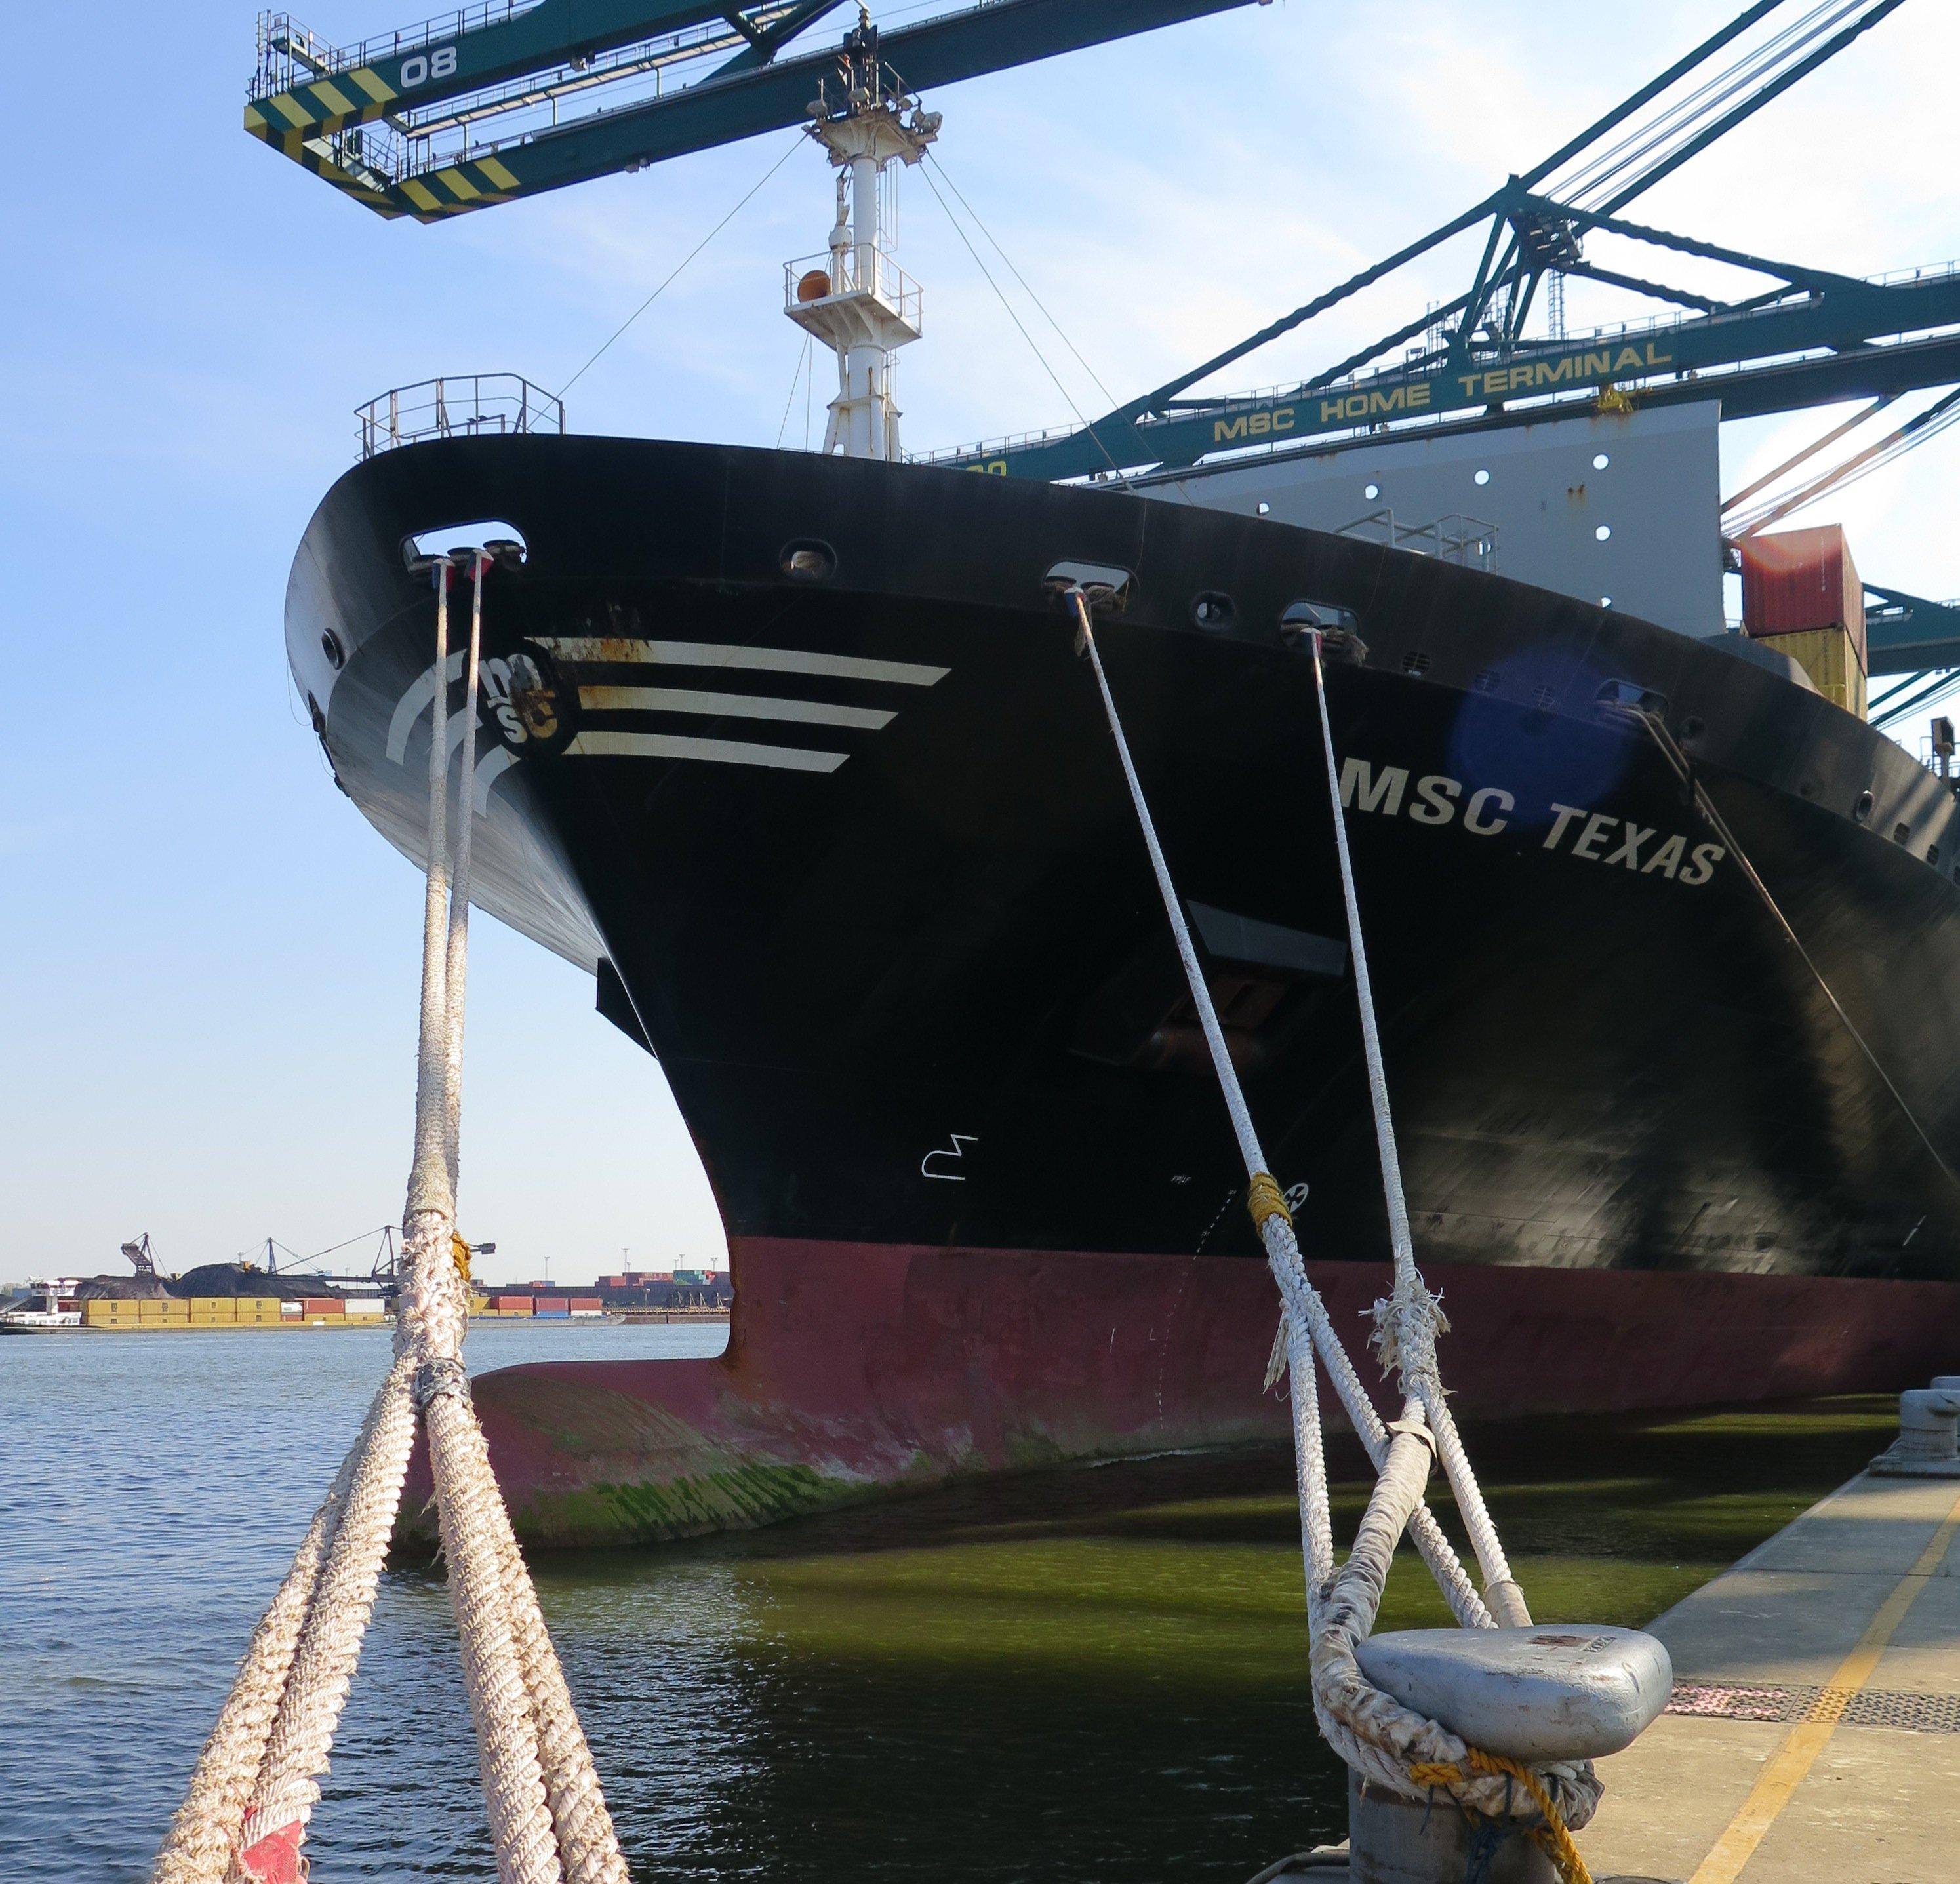 Die MSC Texas ist das erste Containerschiff, das sein Südwasser durch eine Filteranlage gewinnt, die mit Abwärme der Motoren betrieben wird.